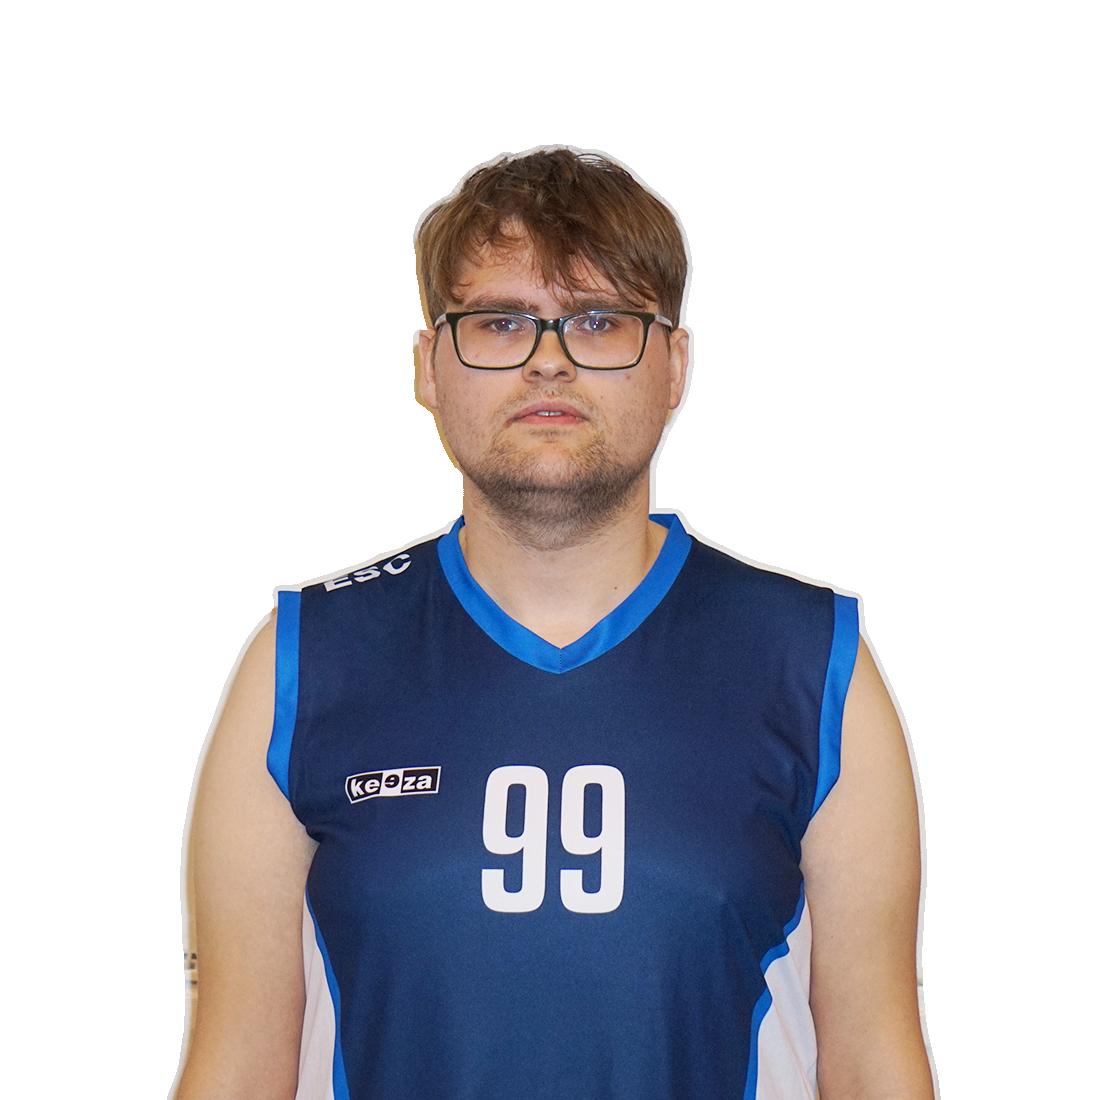 Kacper Młyński